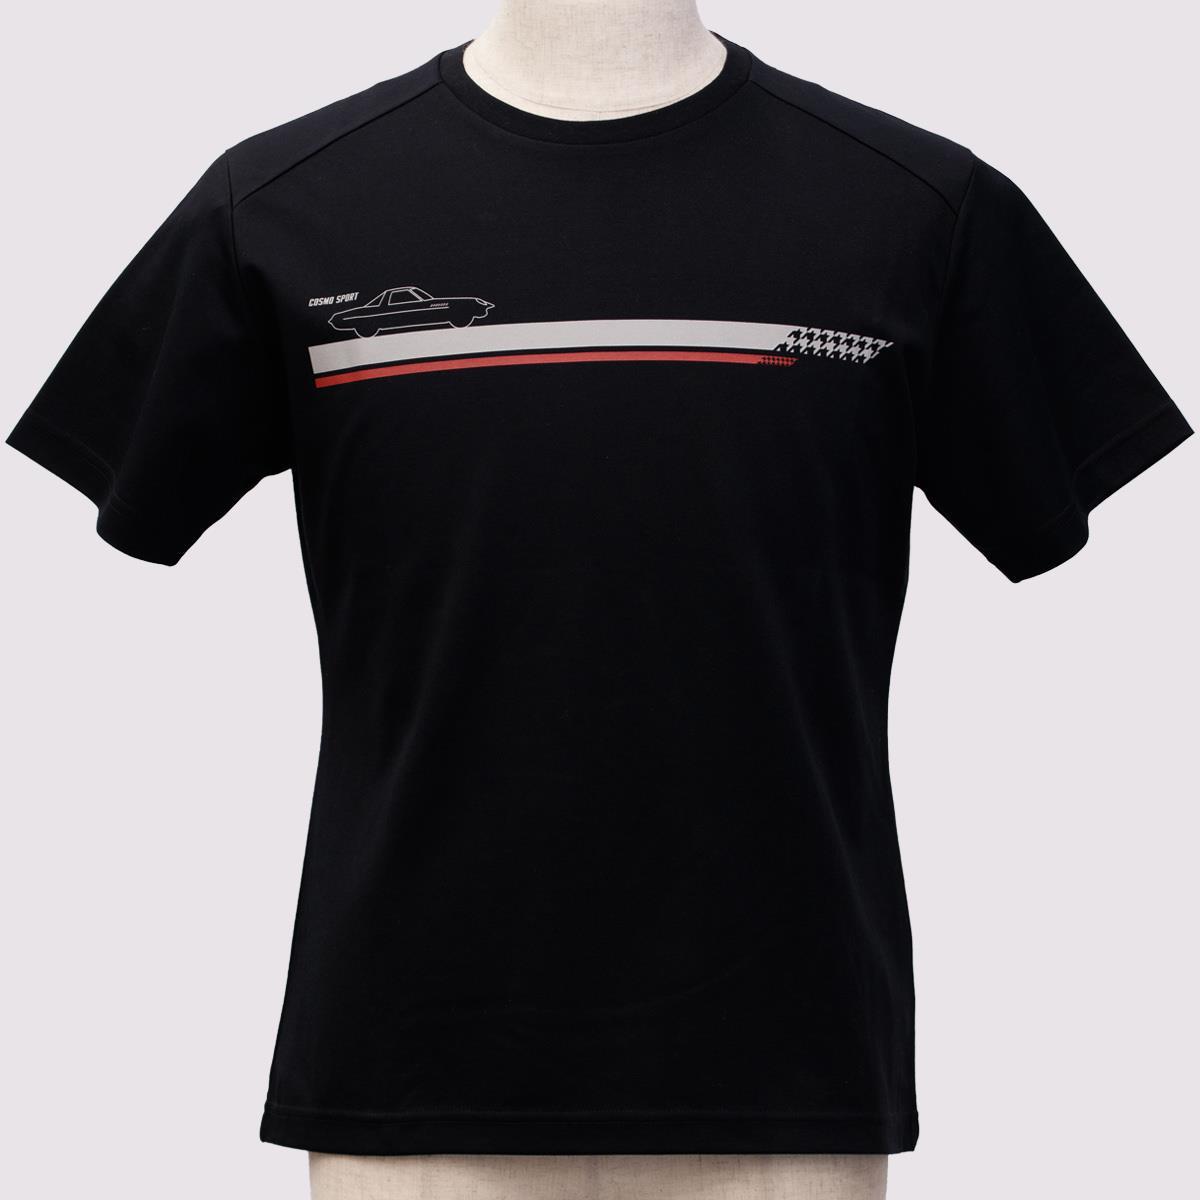 COSMO SPORT Tシャツ カジュアル